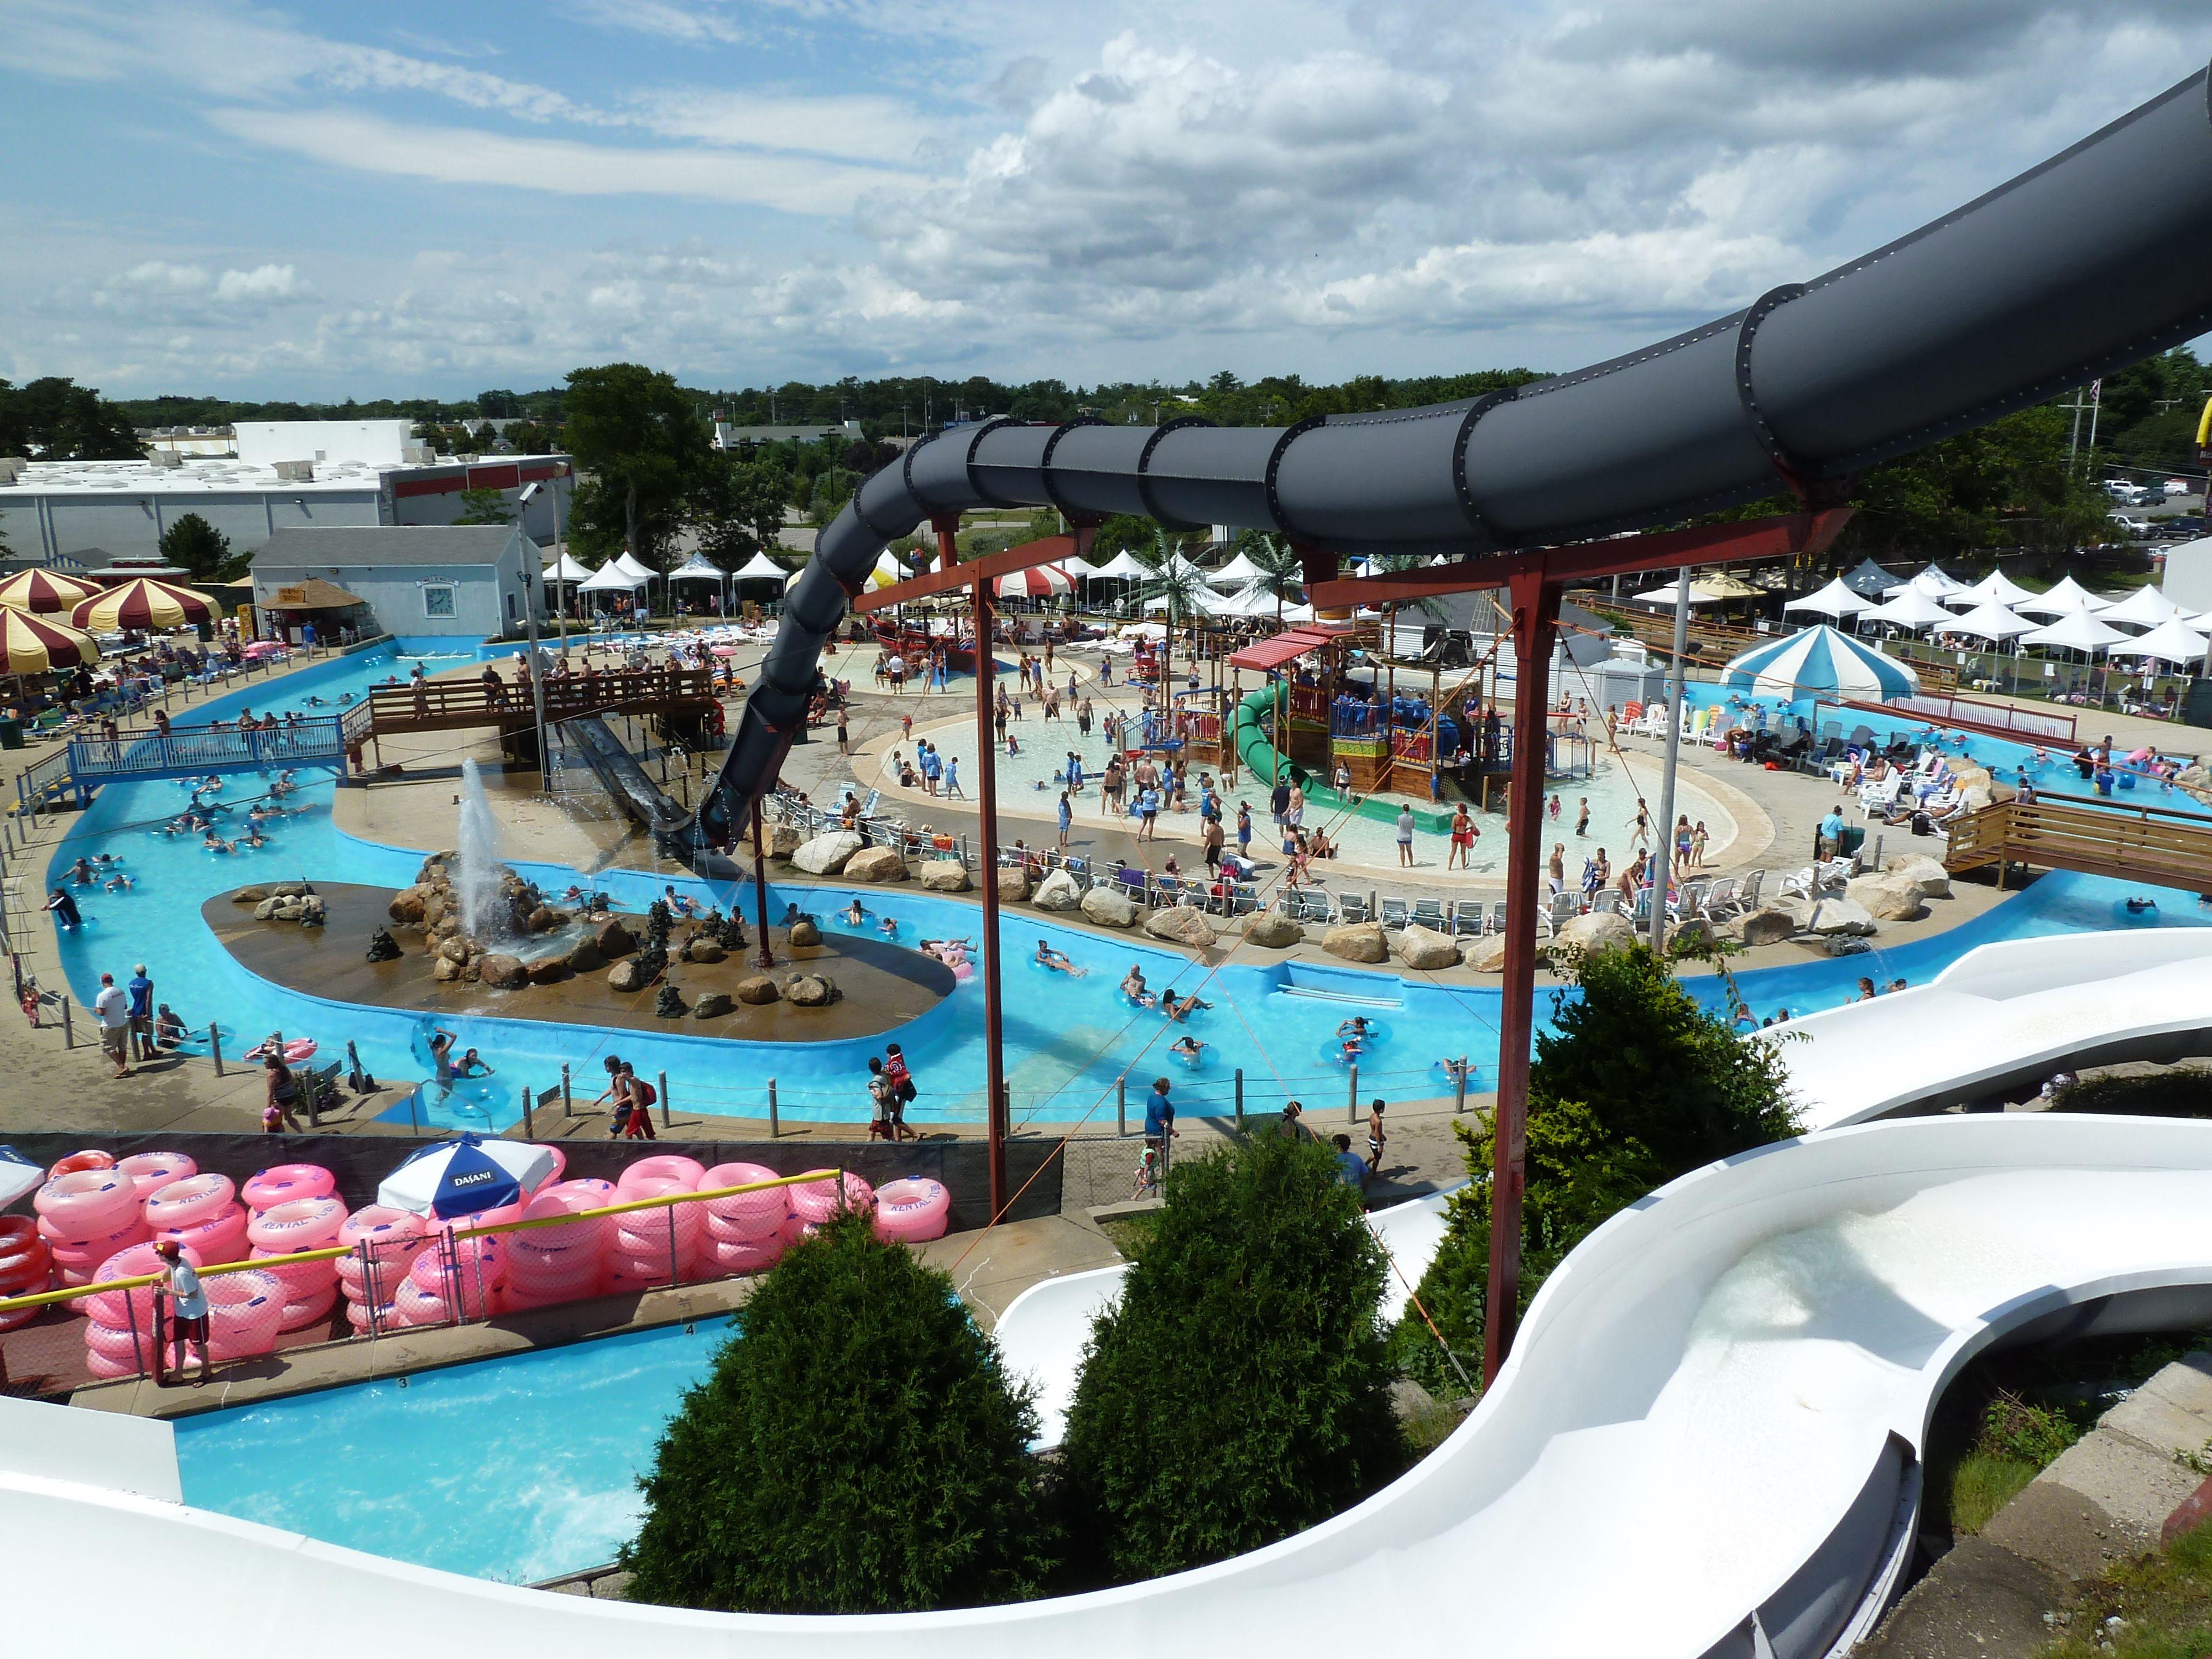 Water Wizz in Massachusetts | Water wizz | Pinterest | Parks, Park ...